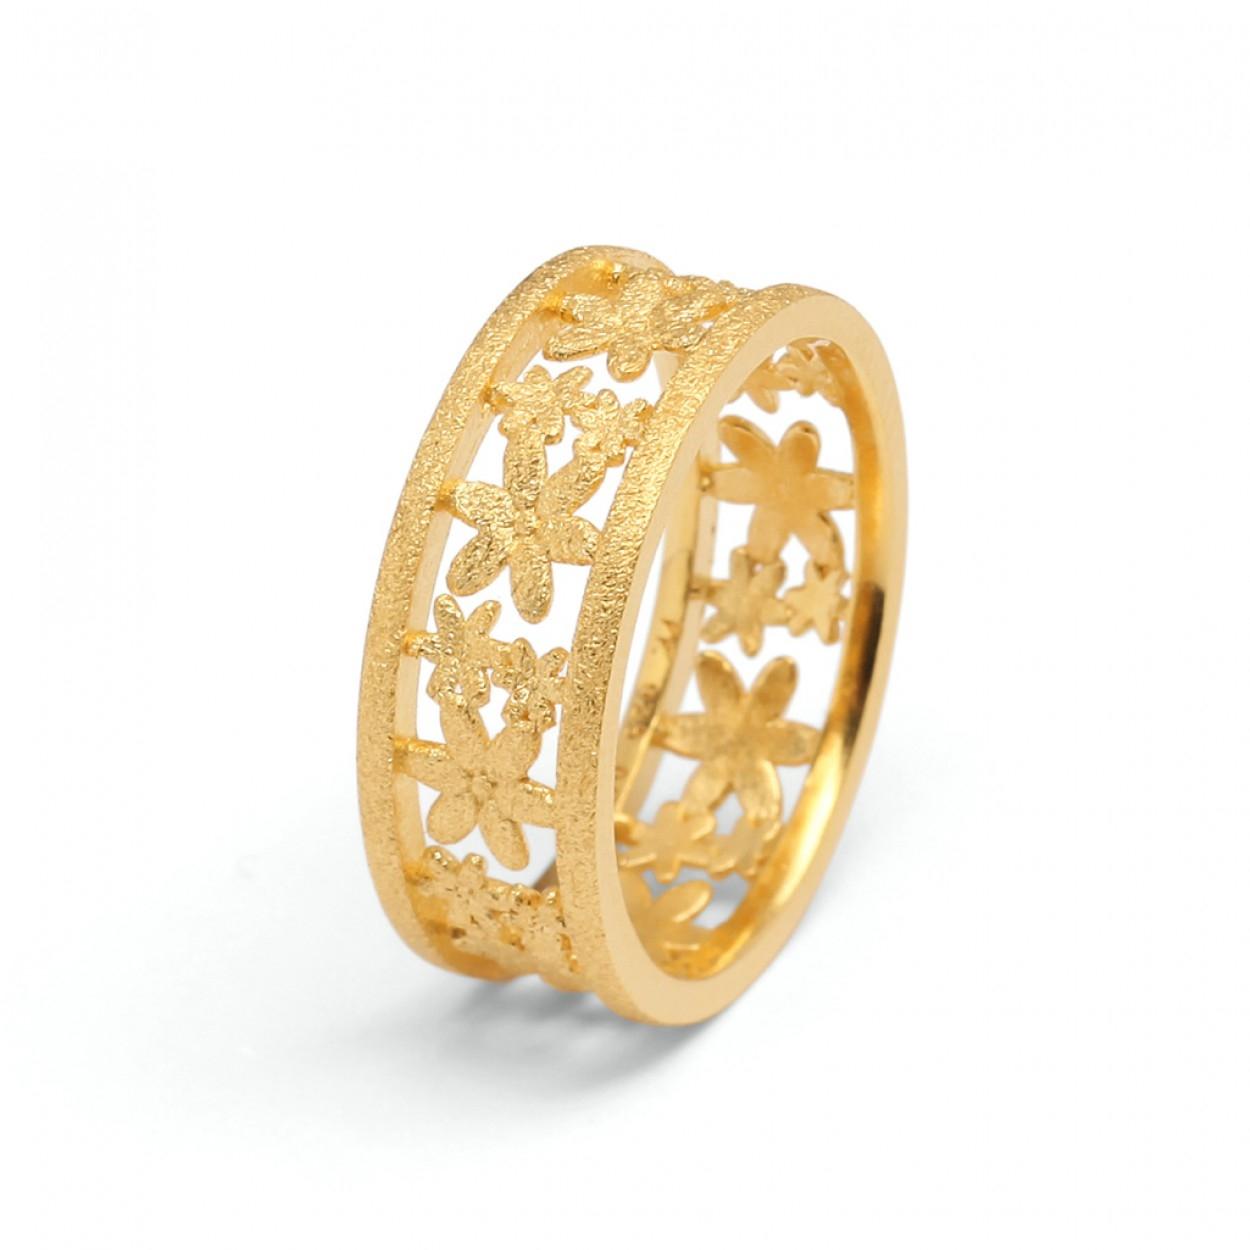 Ring Bernd Wolf Florino Silber goldplattiert 53304506